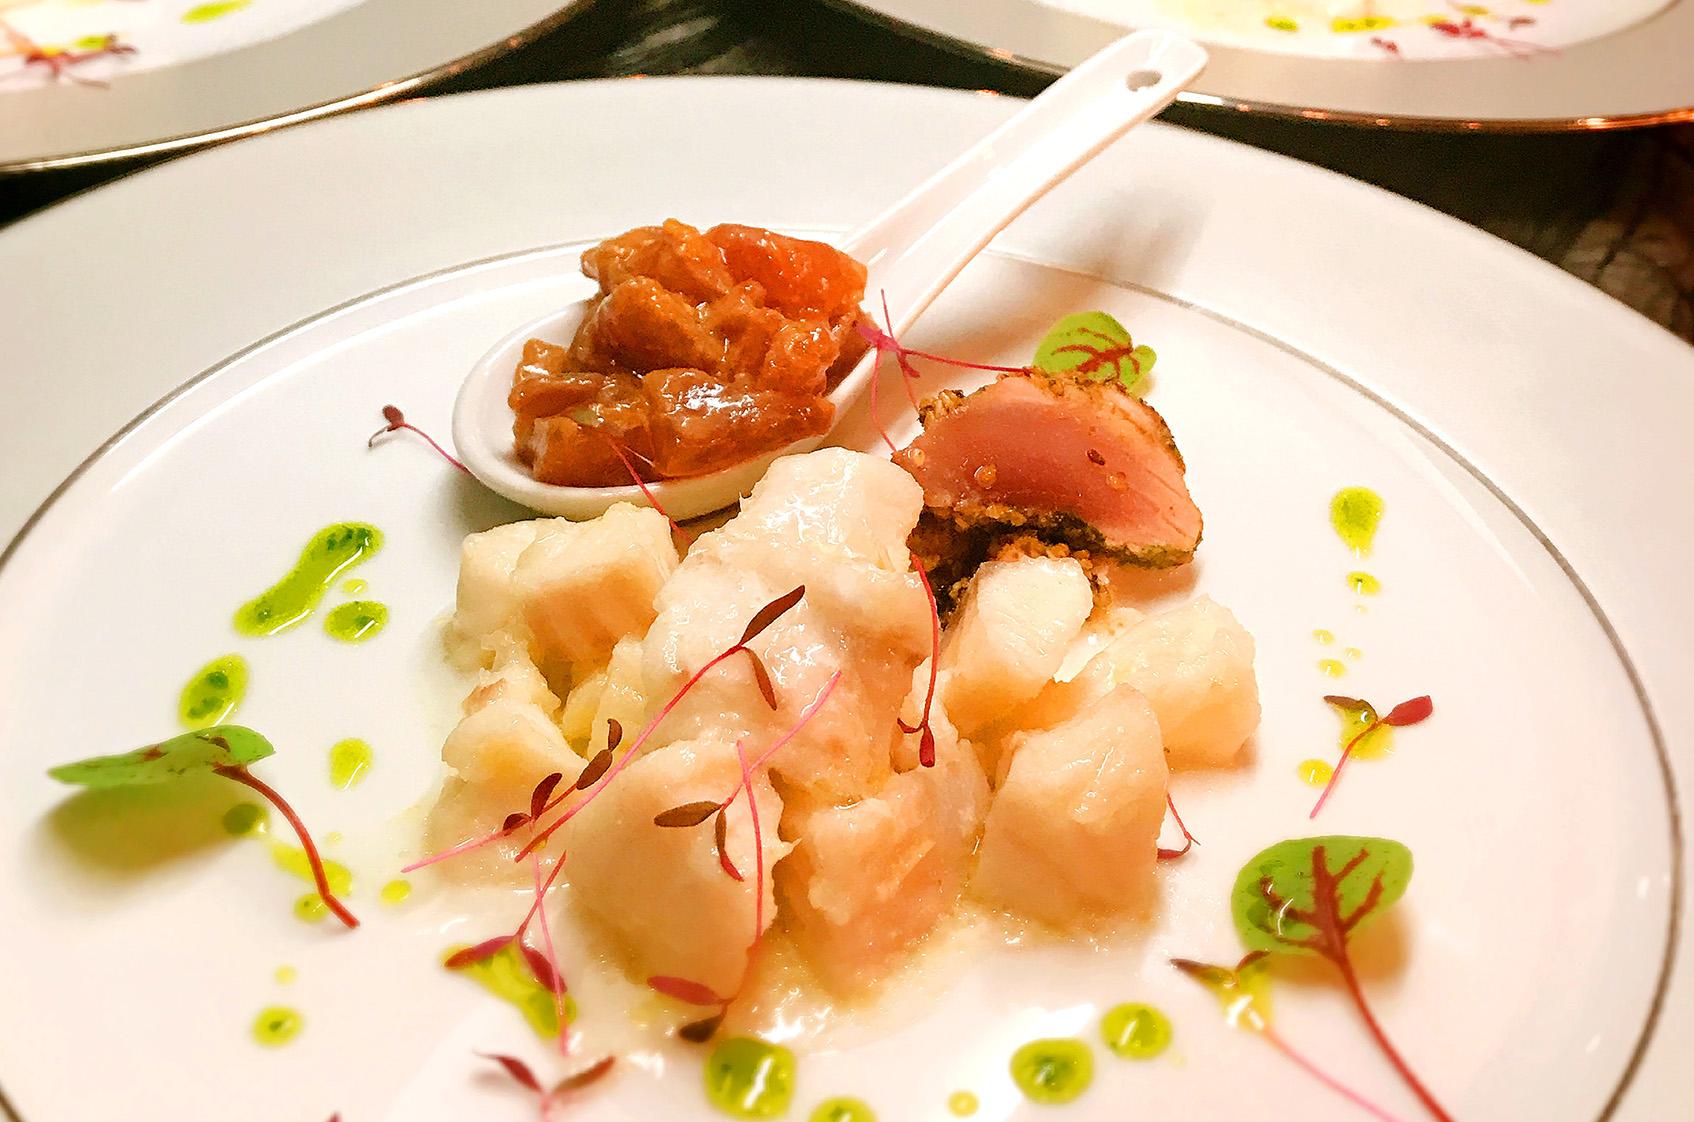 Culinary-Ceviche-Chef-Tasia-Haag3.jpg